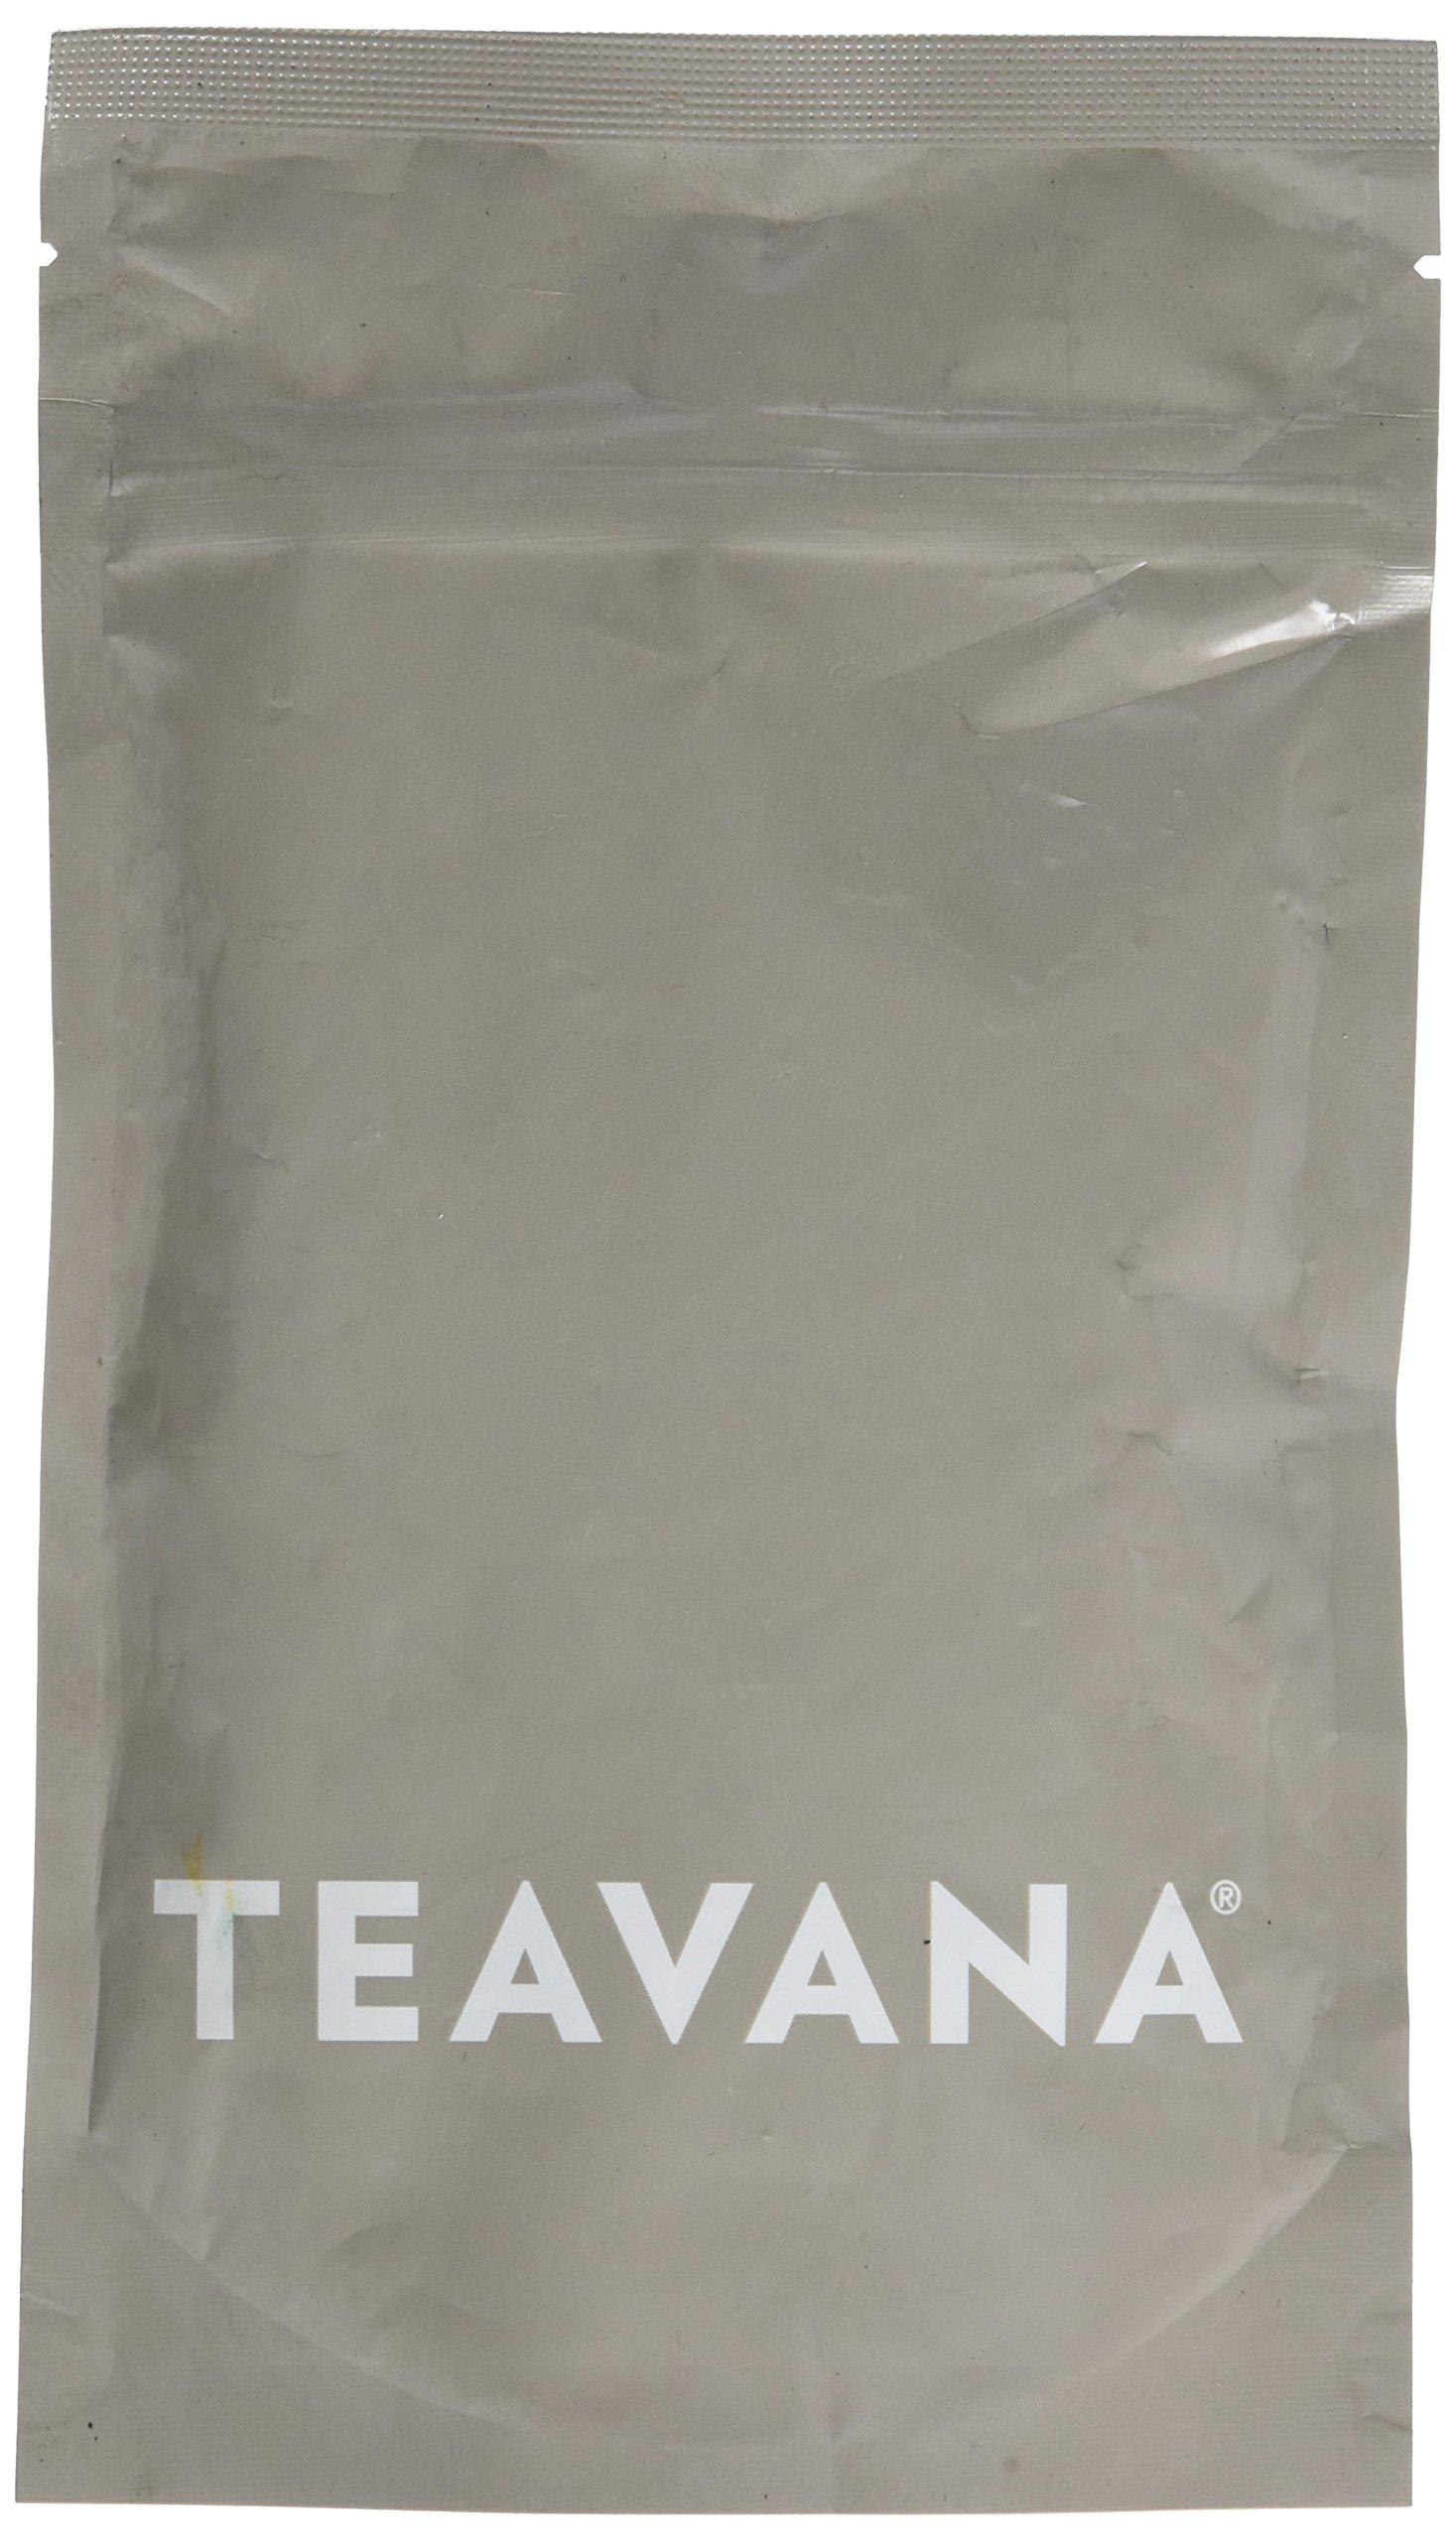 Teavana English Breakfast Loose-Leaf Black Tea, 2oz